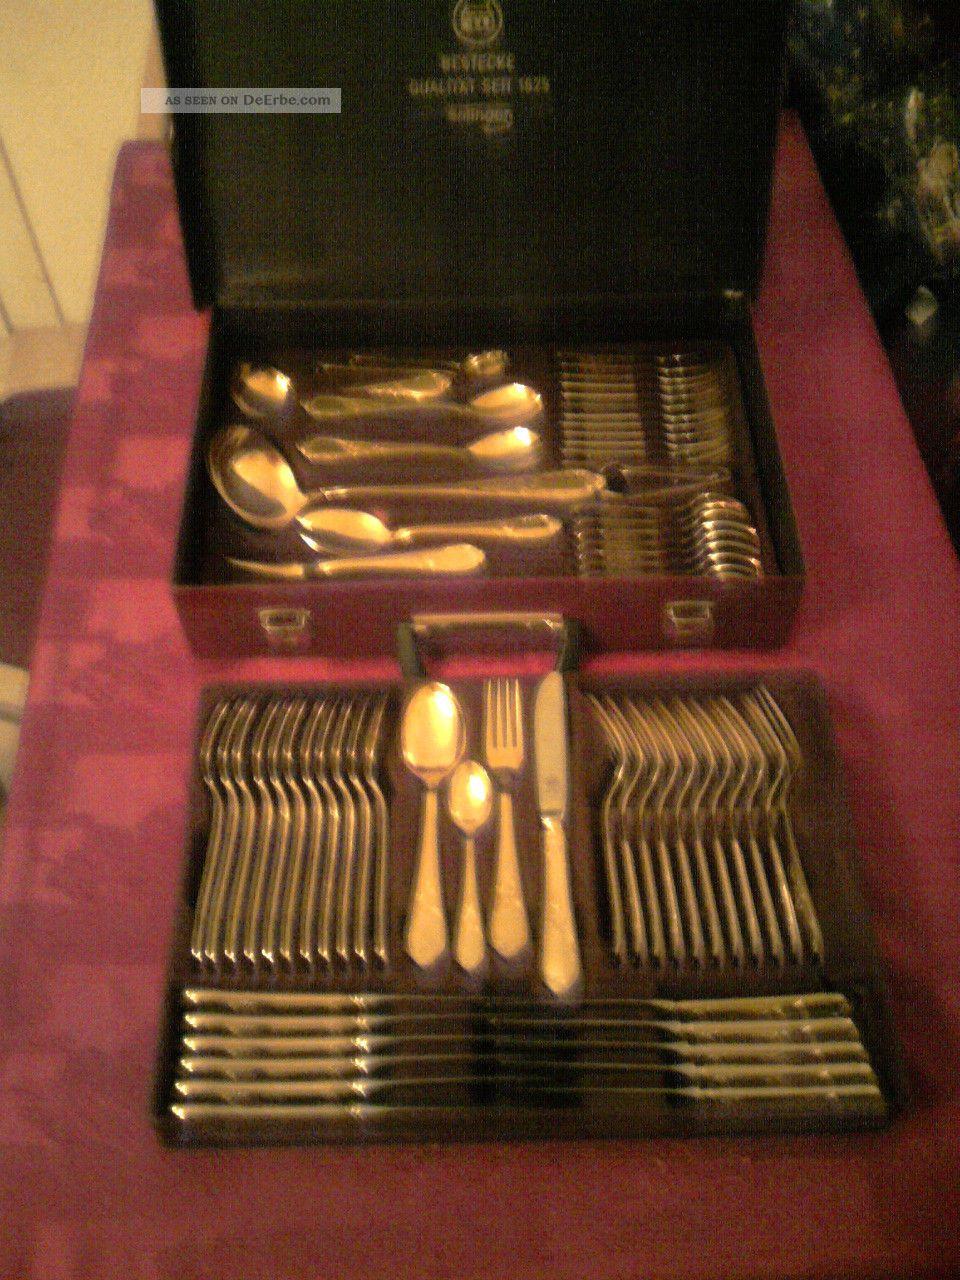 12 personen goldbesteck aus solingen 70 teile im koffer gold tafel besteck. Black Bedroom Furniture Sets. Home Design Ideas